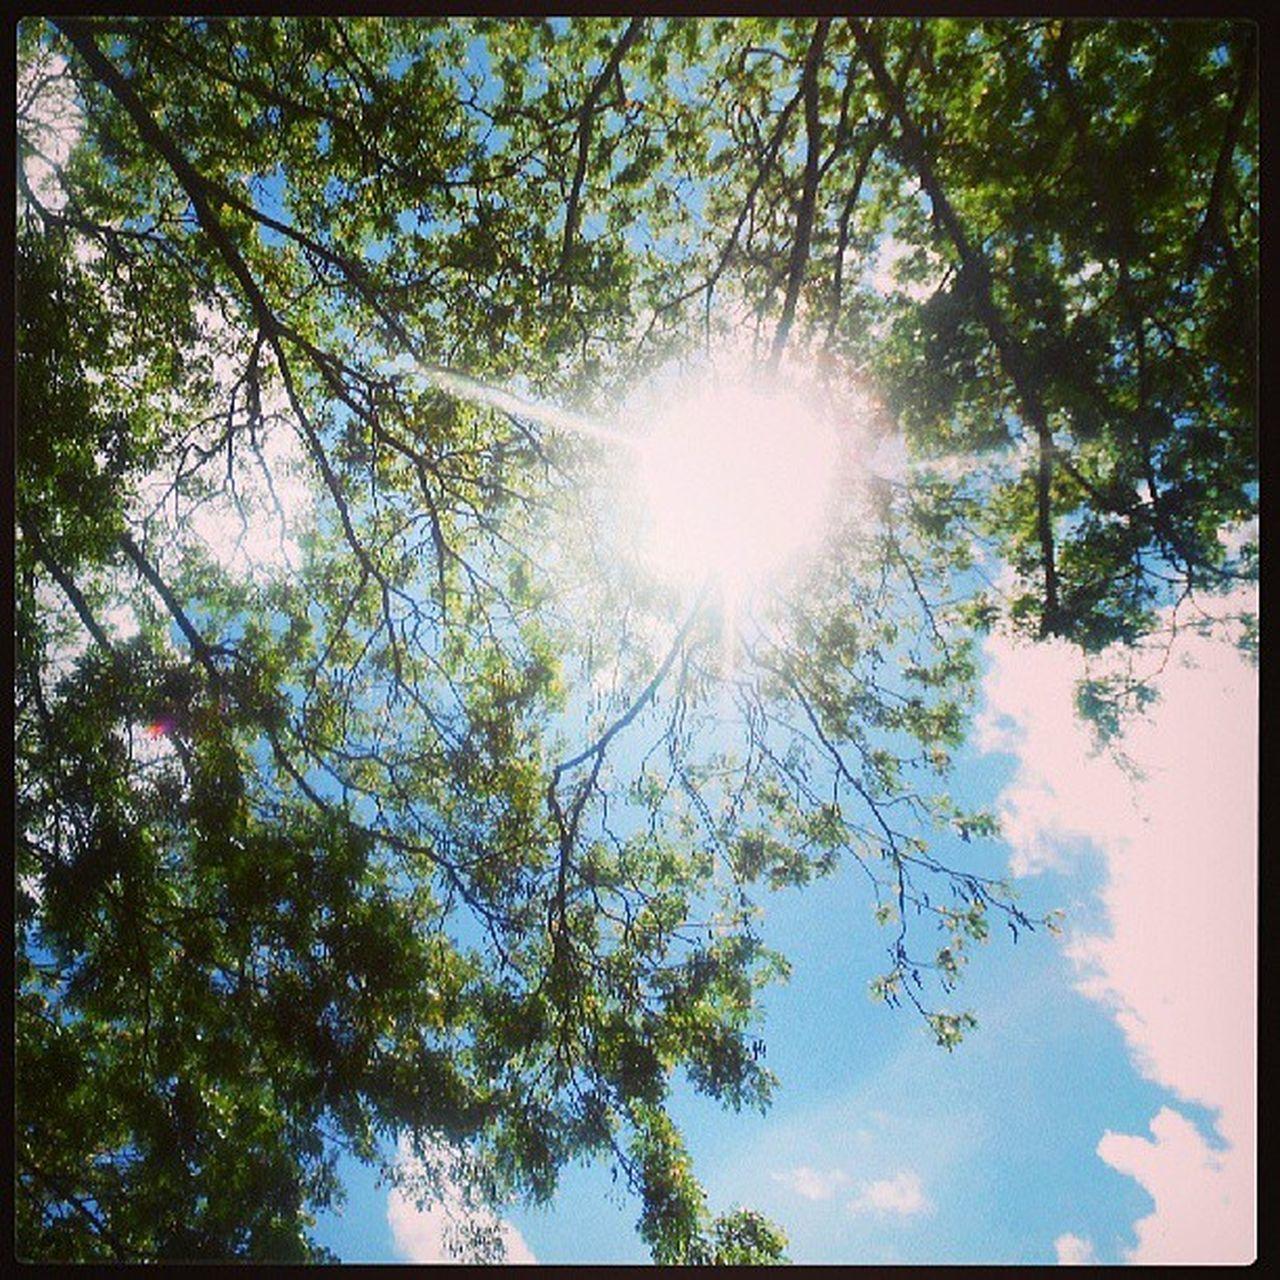 Soo Hot in here... weehw!!! Summer Dang_it